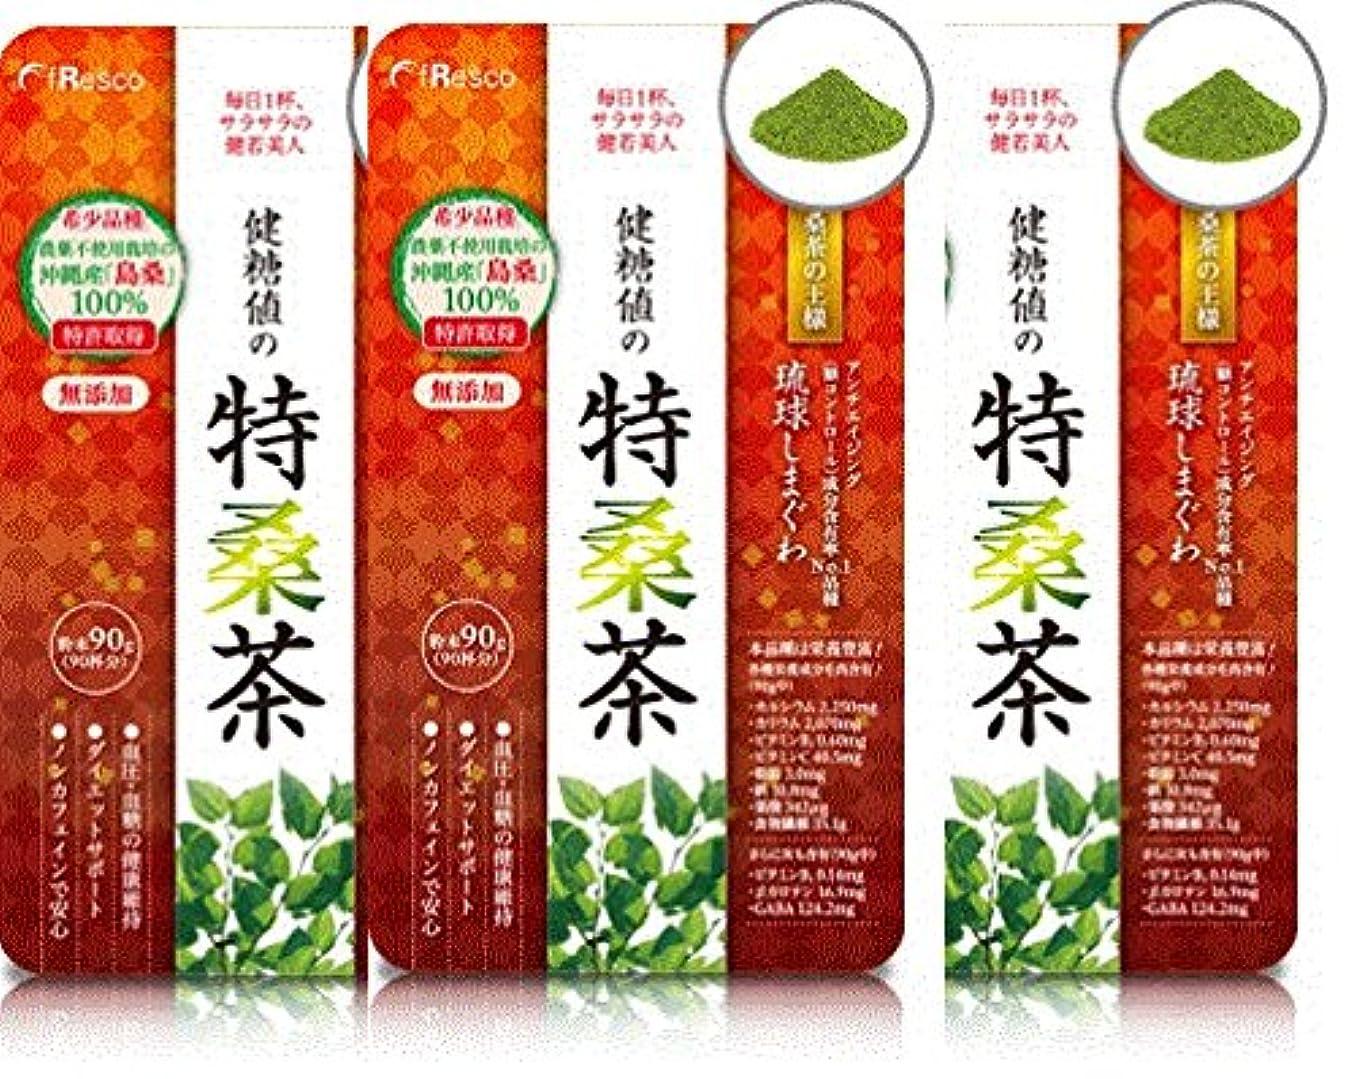 近代化する絡み合い買う桑茶の王様 琉球しまぐわ 健糖値の特桑茶 270g(90g × 3袋) 【5%OFF】【送料無料】